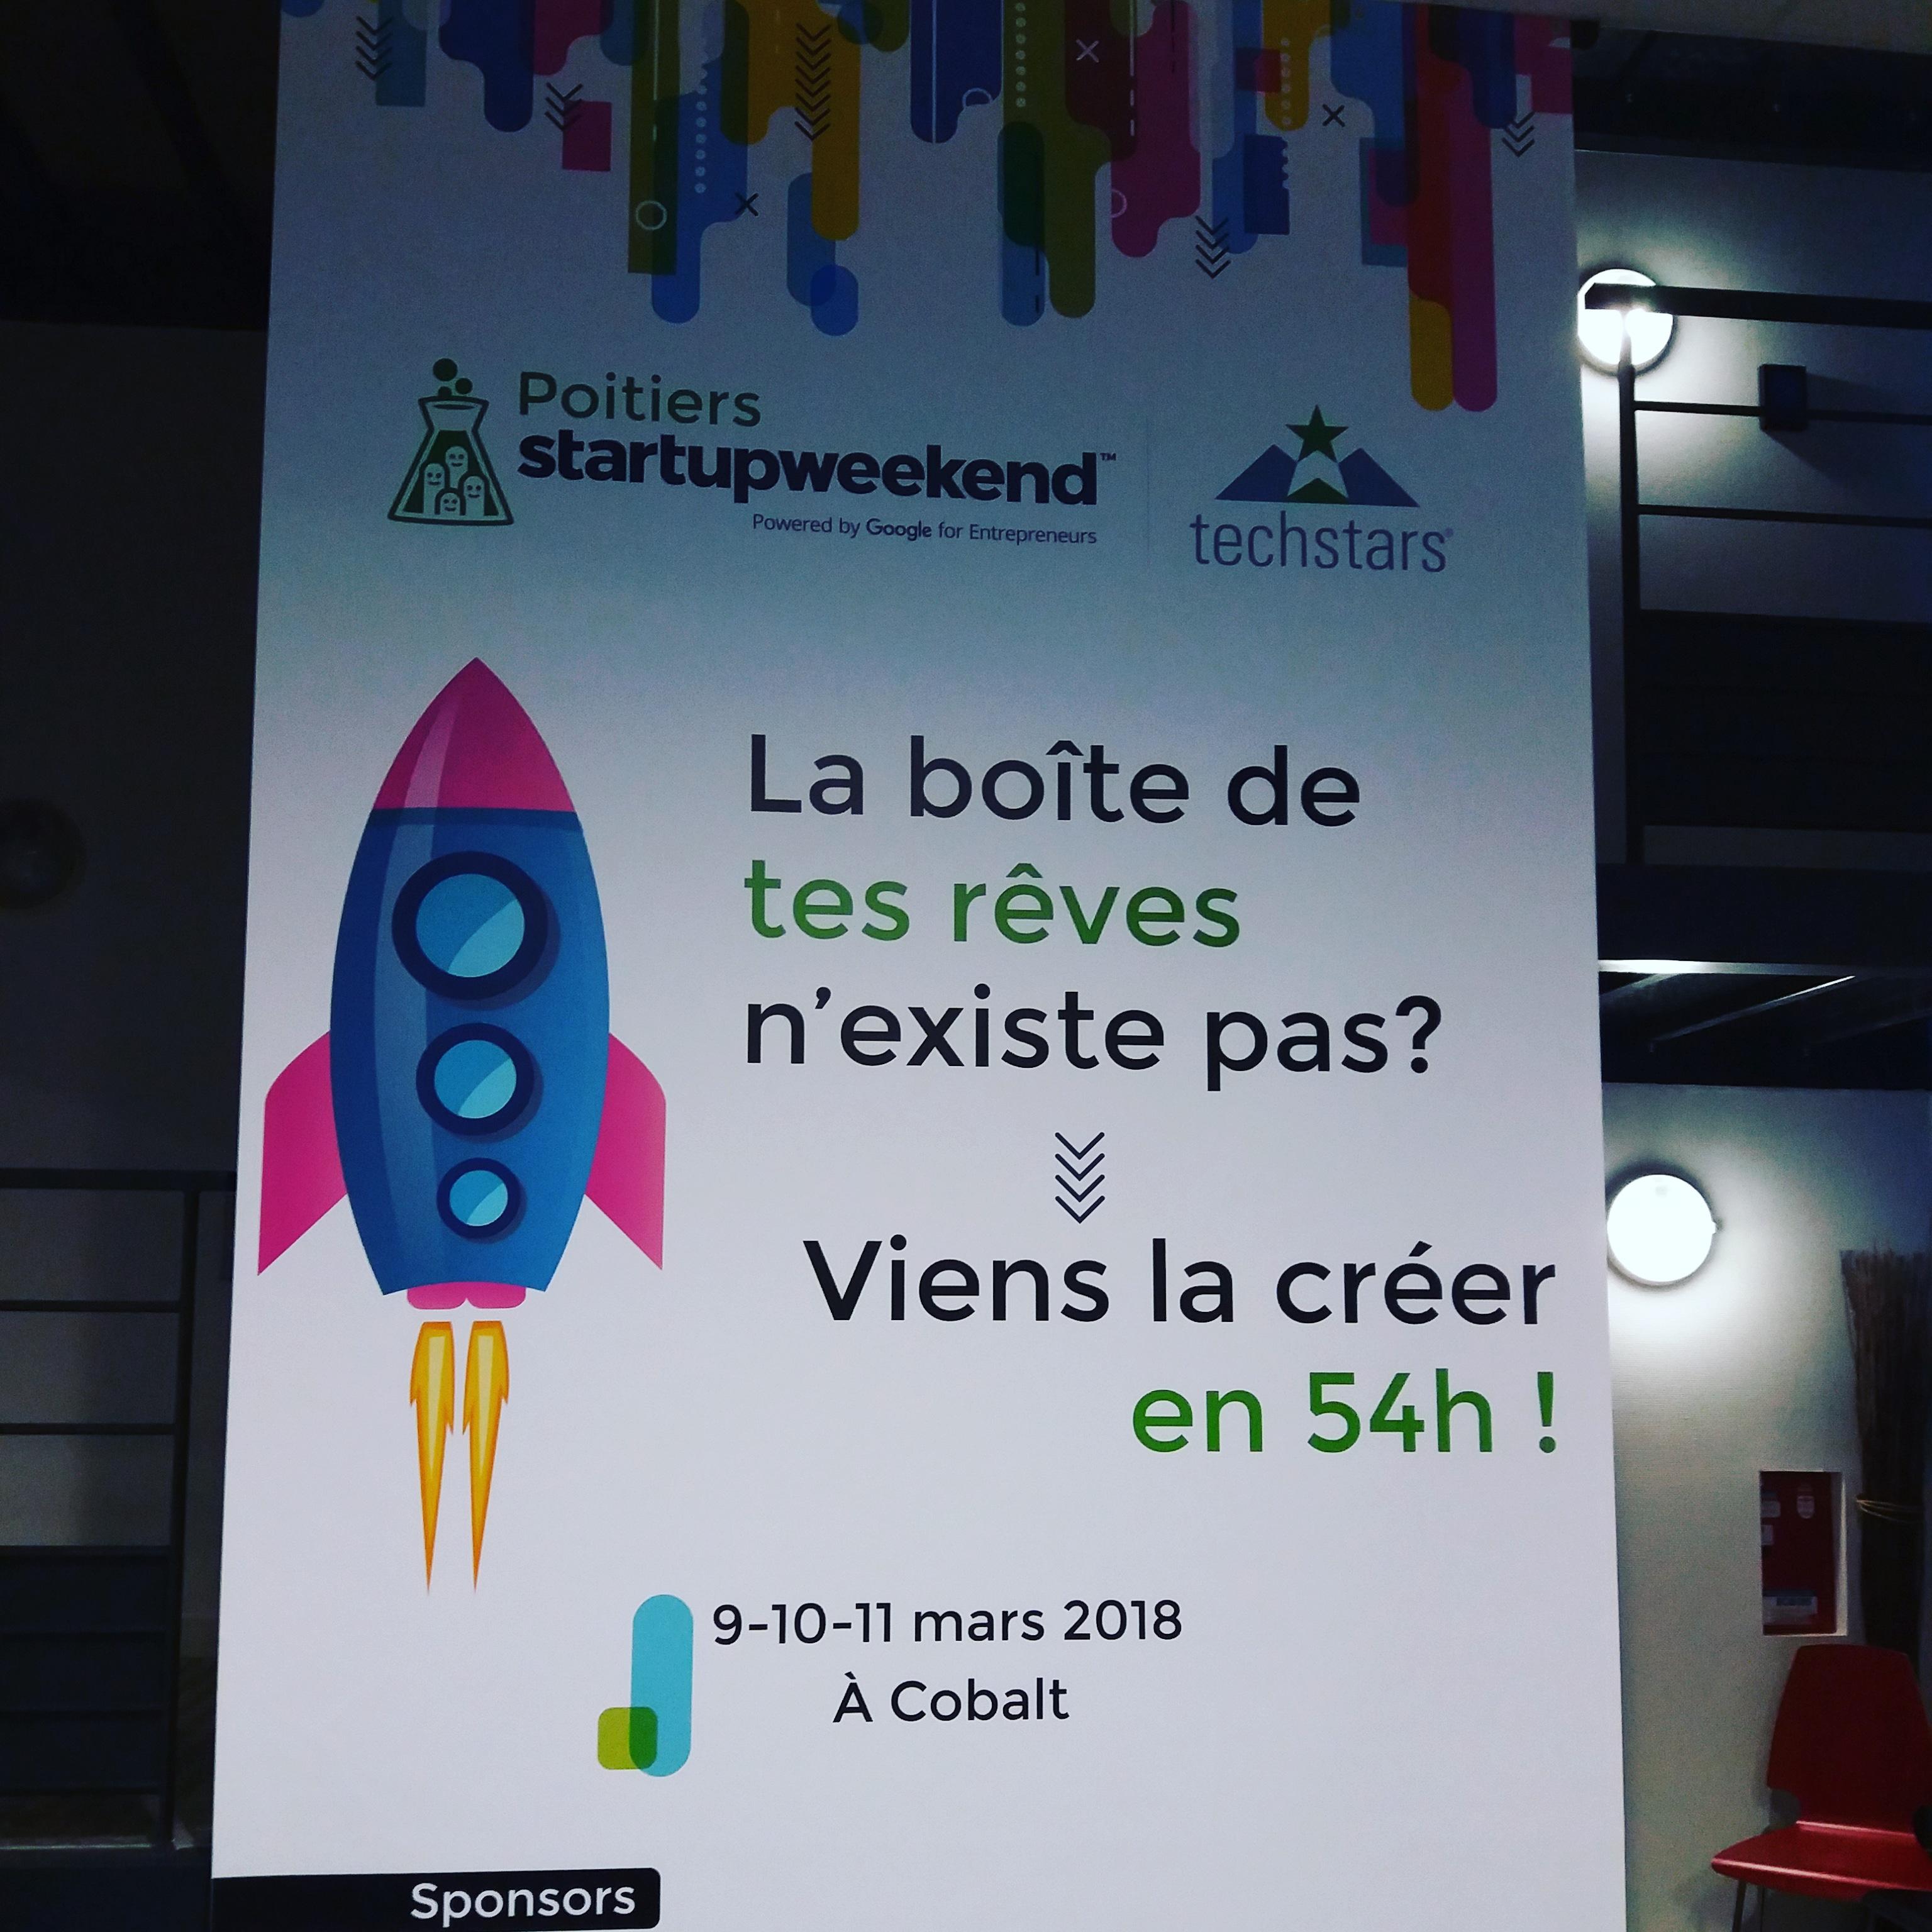 Start-up week-end Poitiers